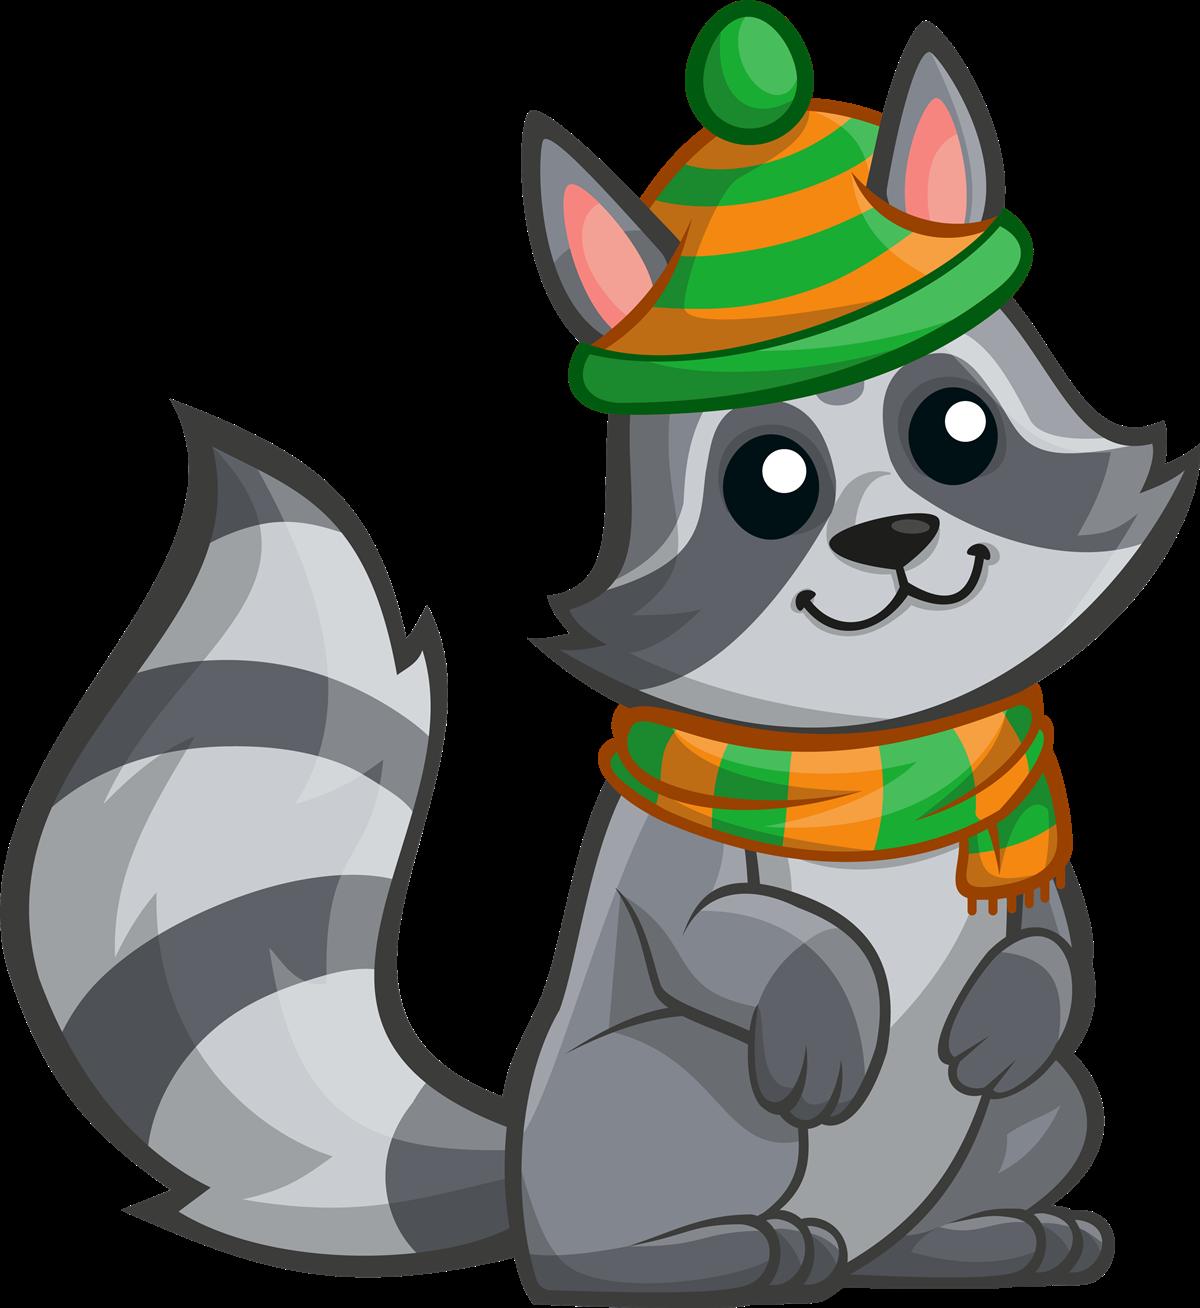 Raccoon clip art at vector clip art 4.